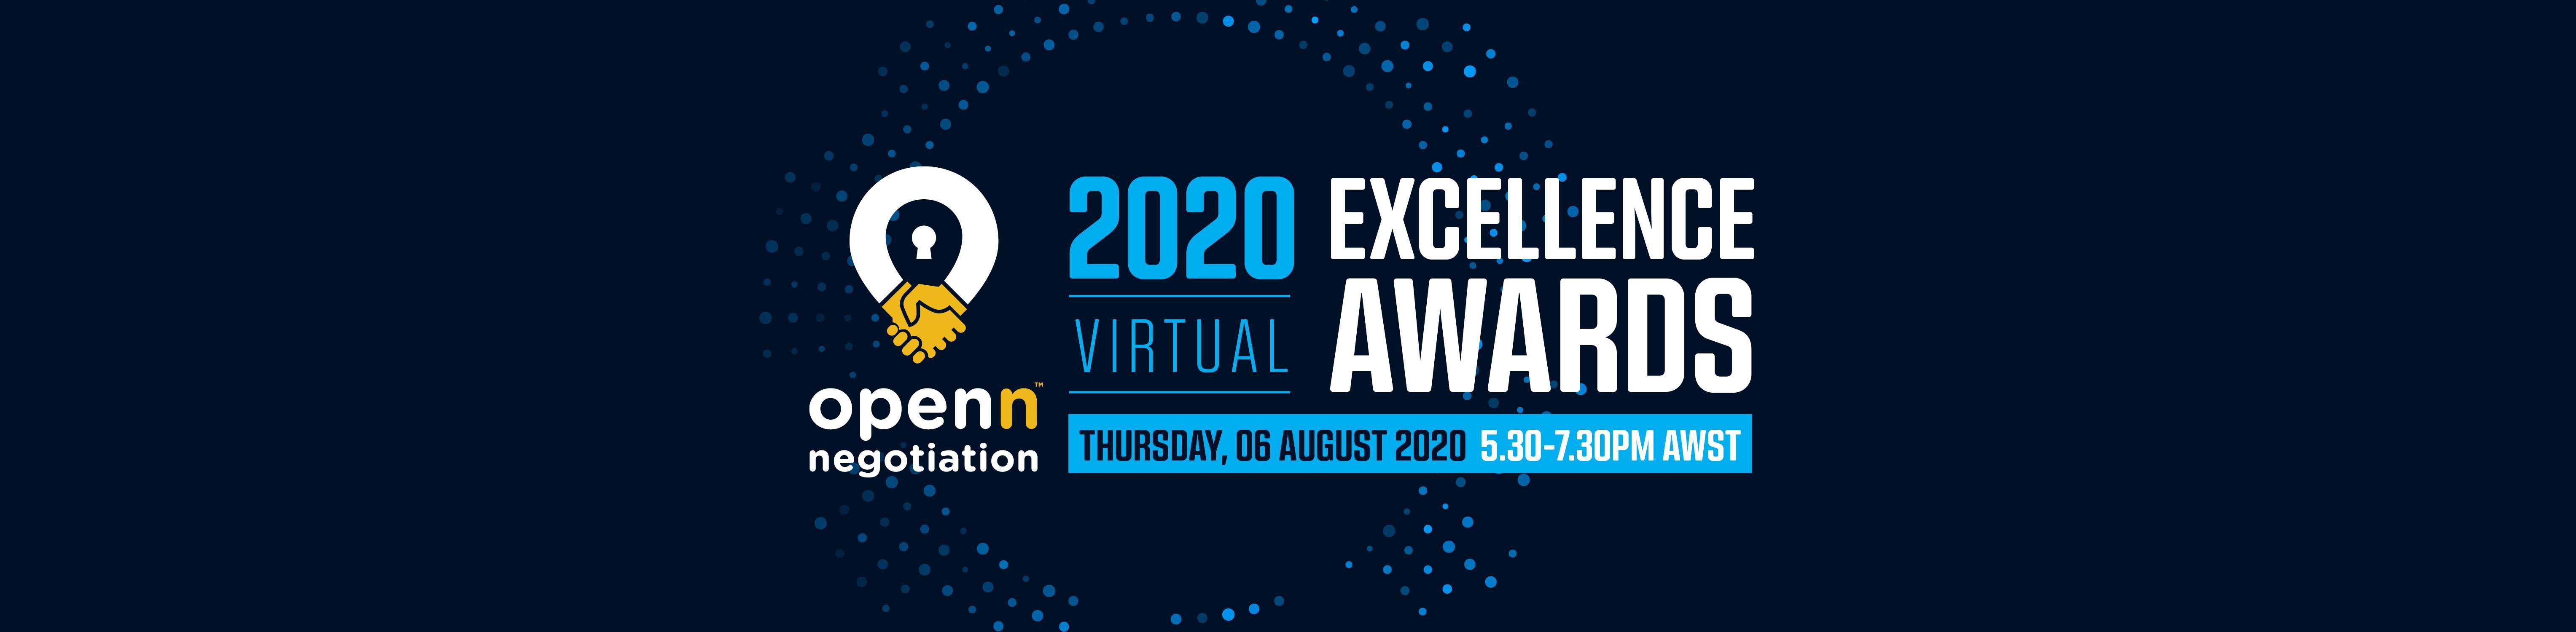 Openn Virtual Excellence Awards